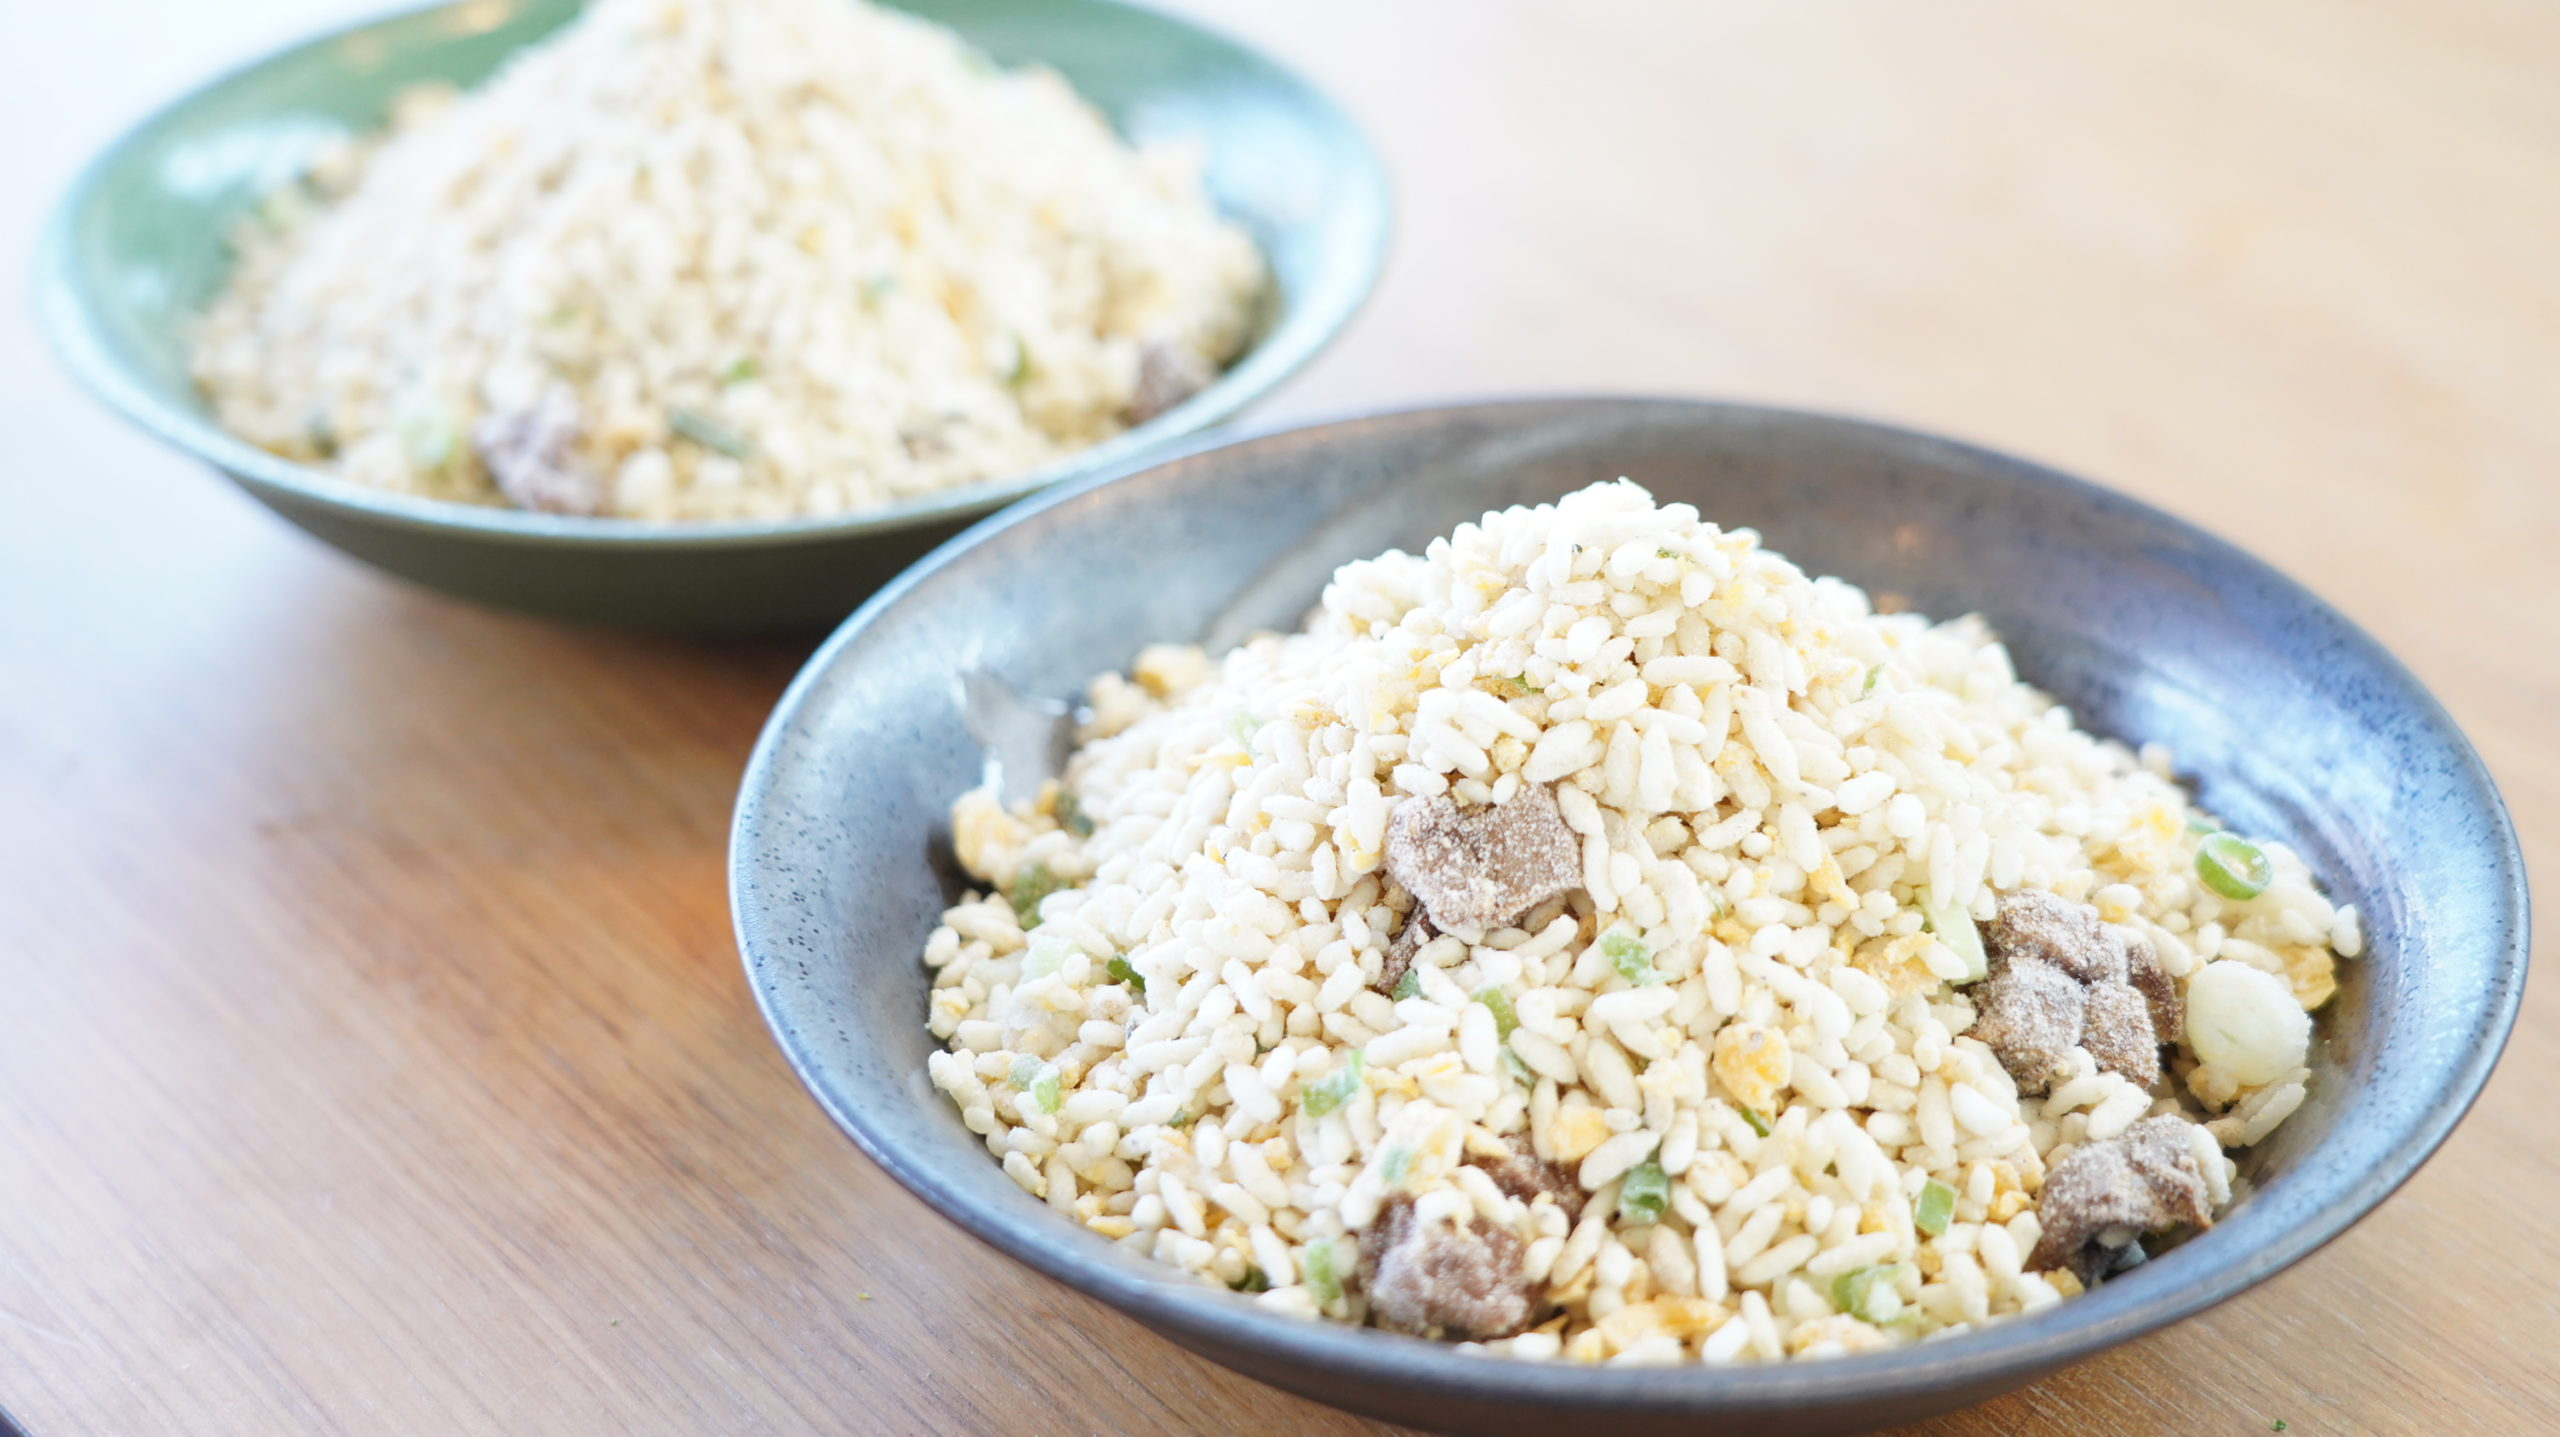 味の素の冷凍食品「焦がしにんにくのマー油と葱油が香るザ★チャーハン」の大ボリュームが分かる写真